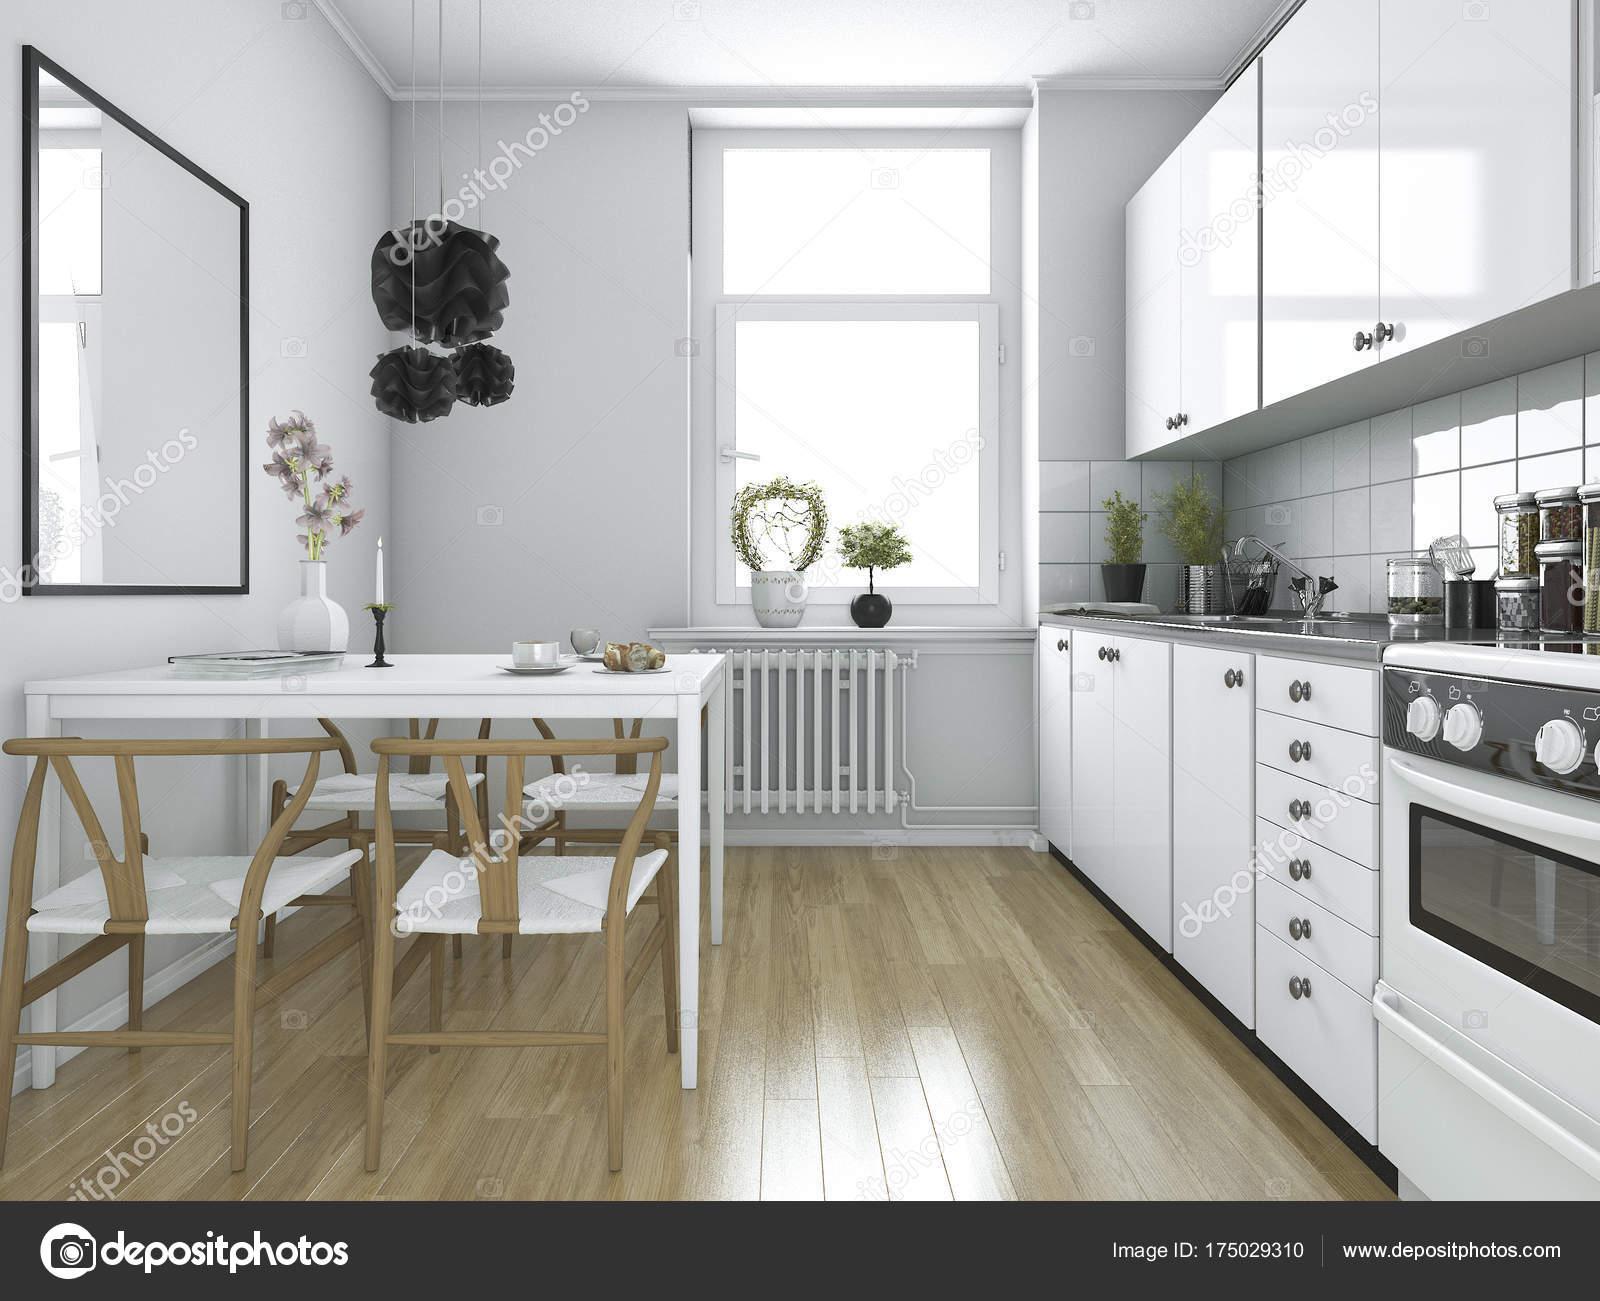 Cuisine Vintage Scandinave Rendu Avec Table Manger — Photographie ...